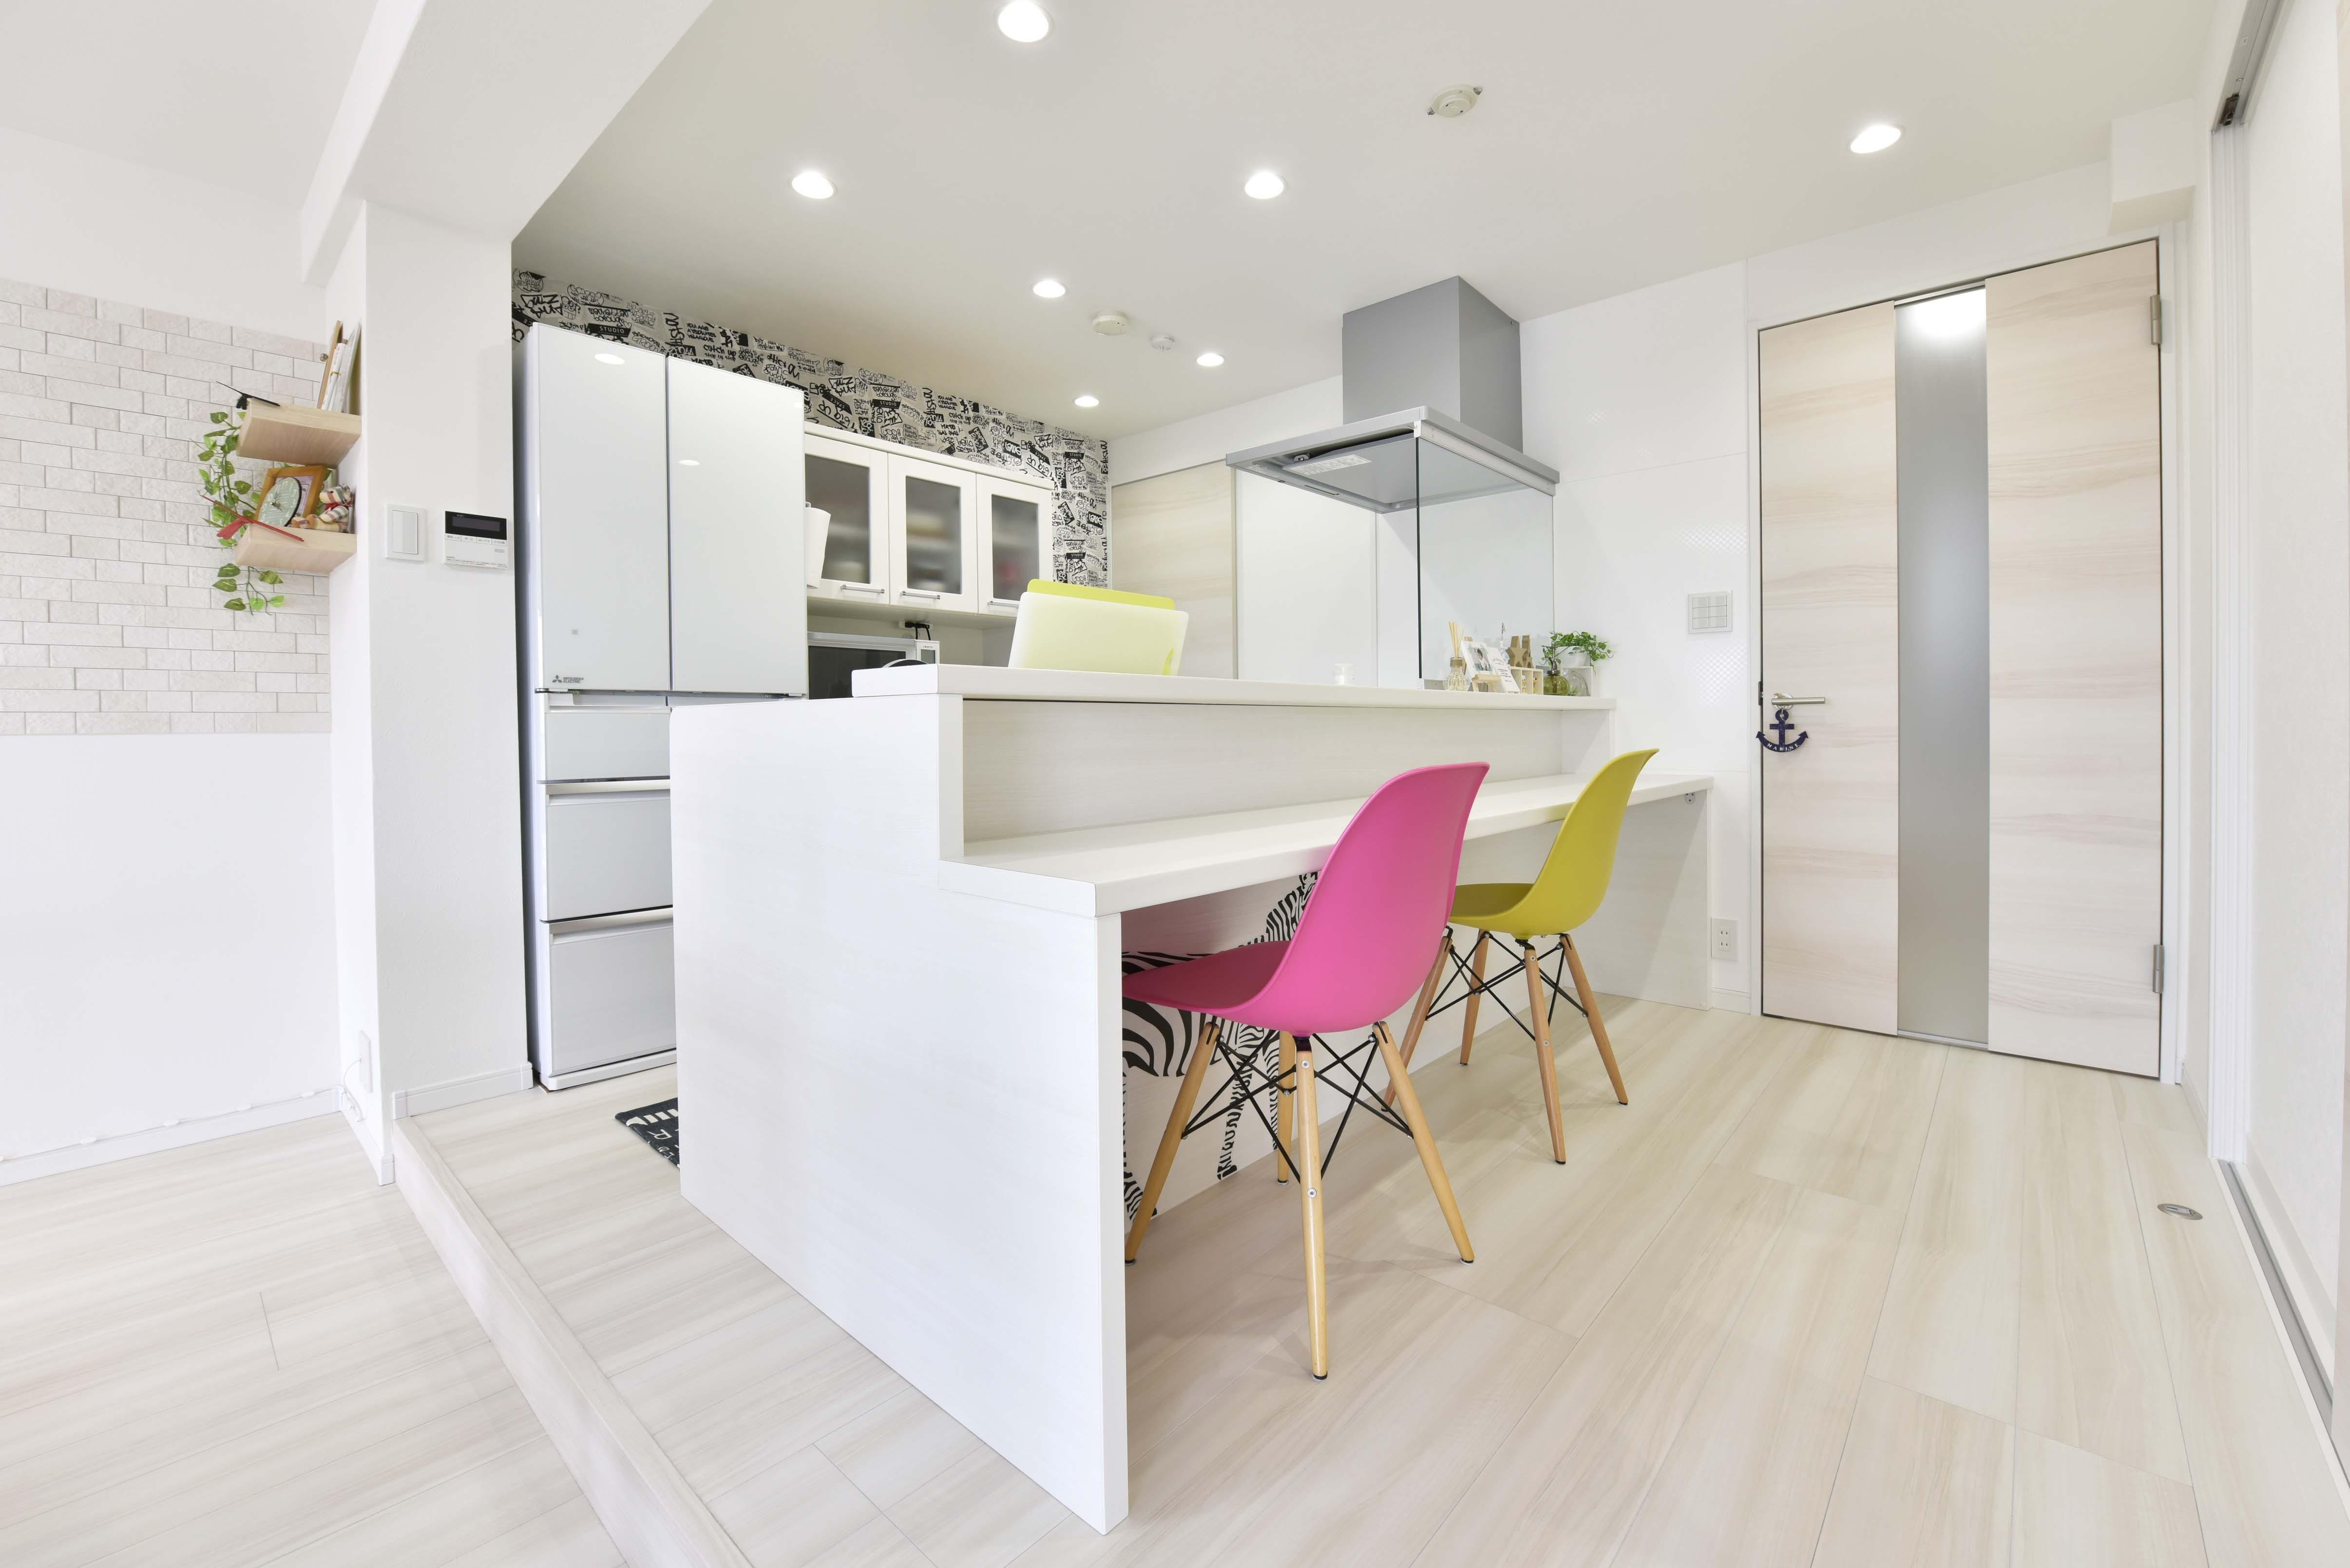 キッチン事例:キッチン(家族のための明るいおうち)